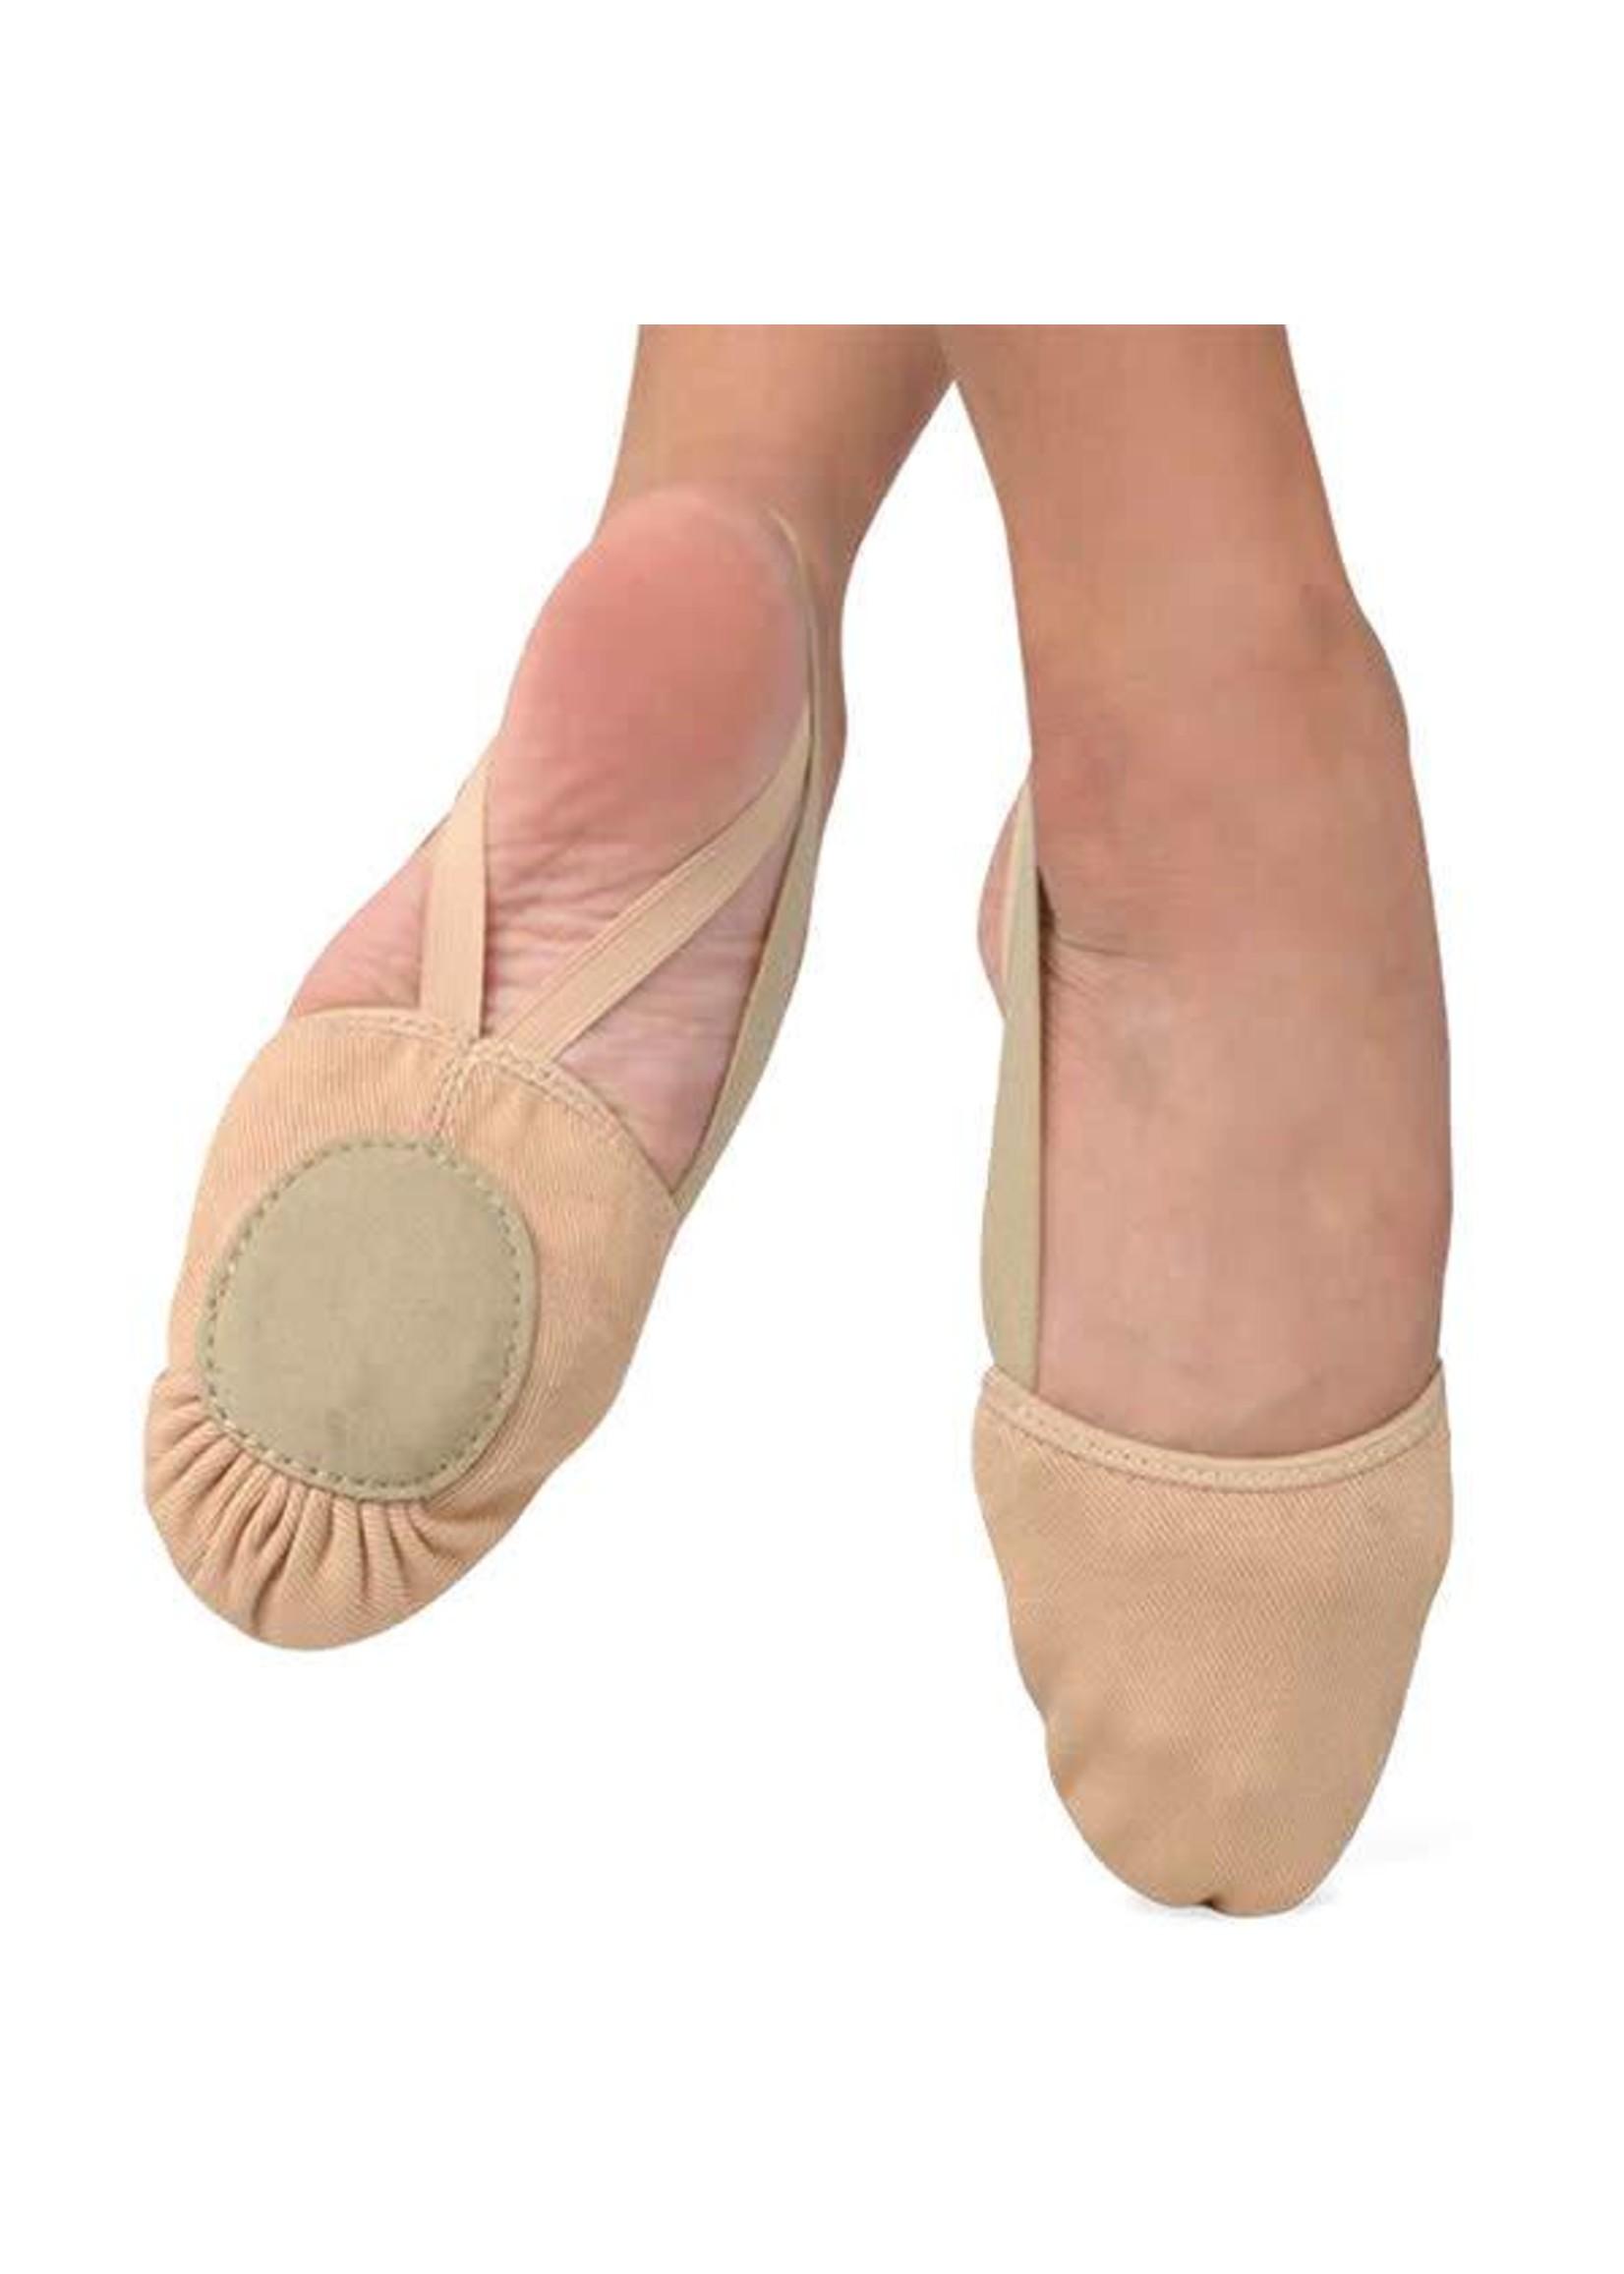 Danshuz Protège-plante de pied (style ballet) en canevas - Danshuz 365